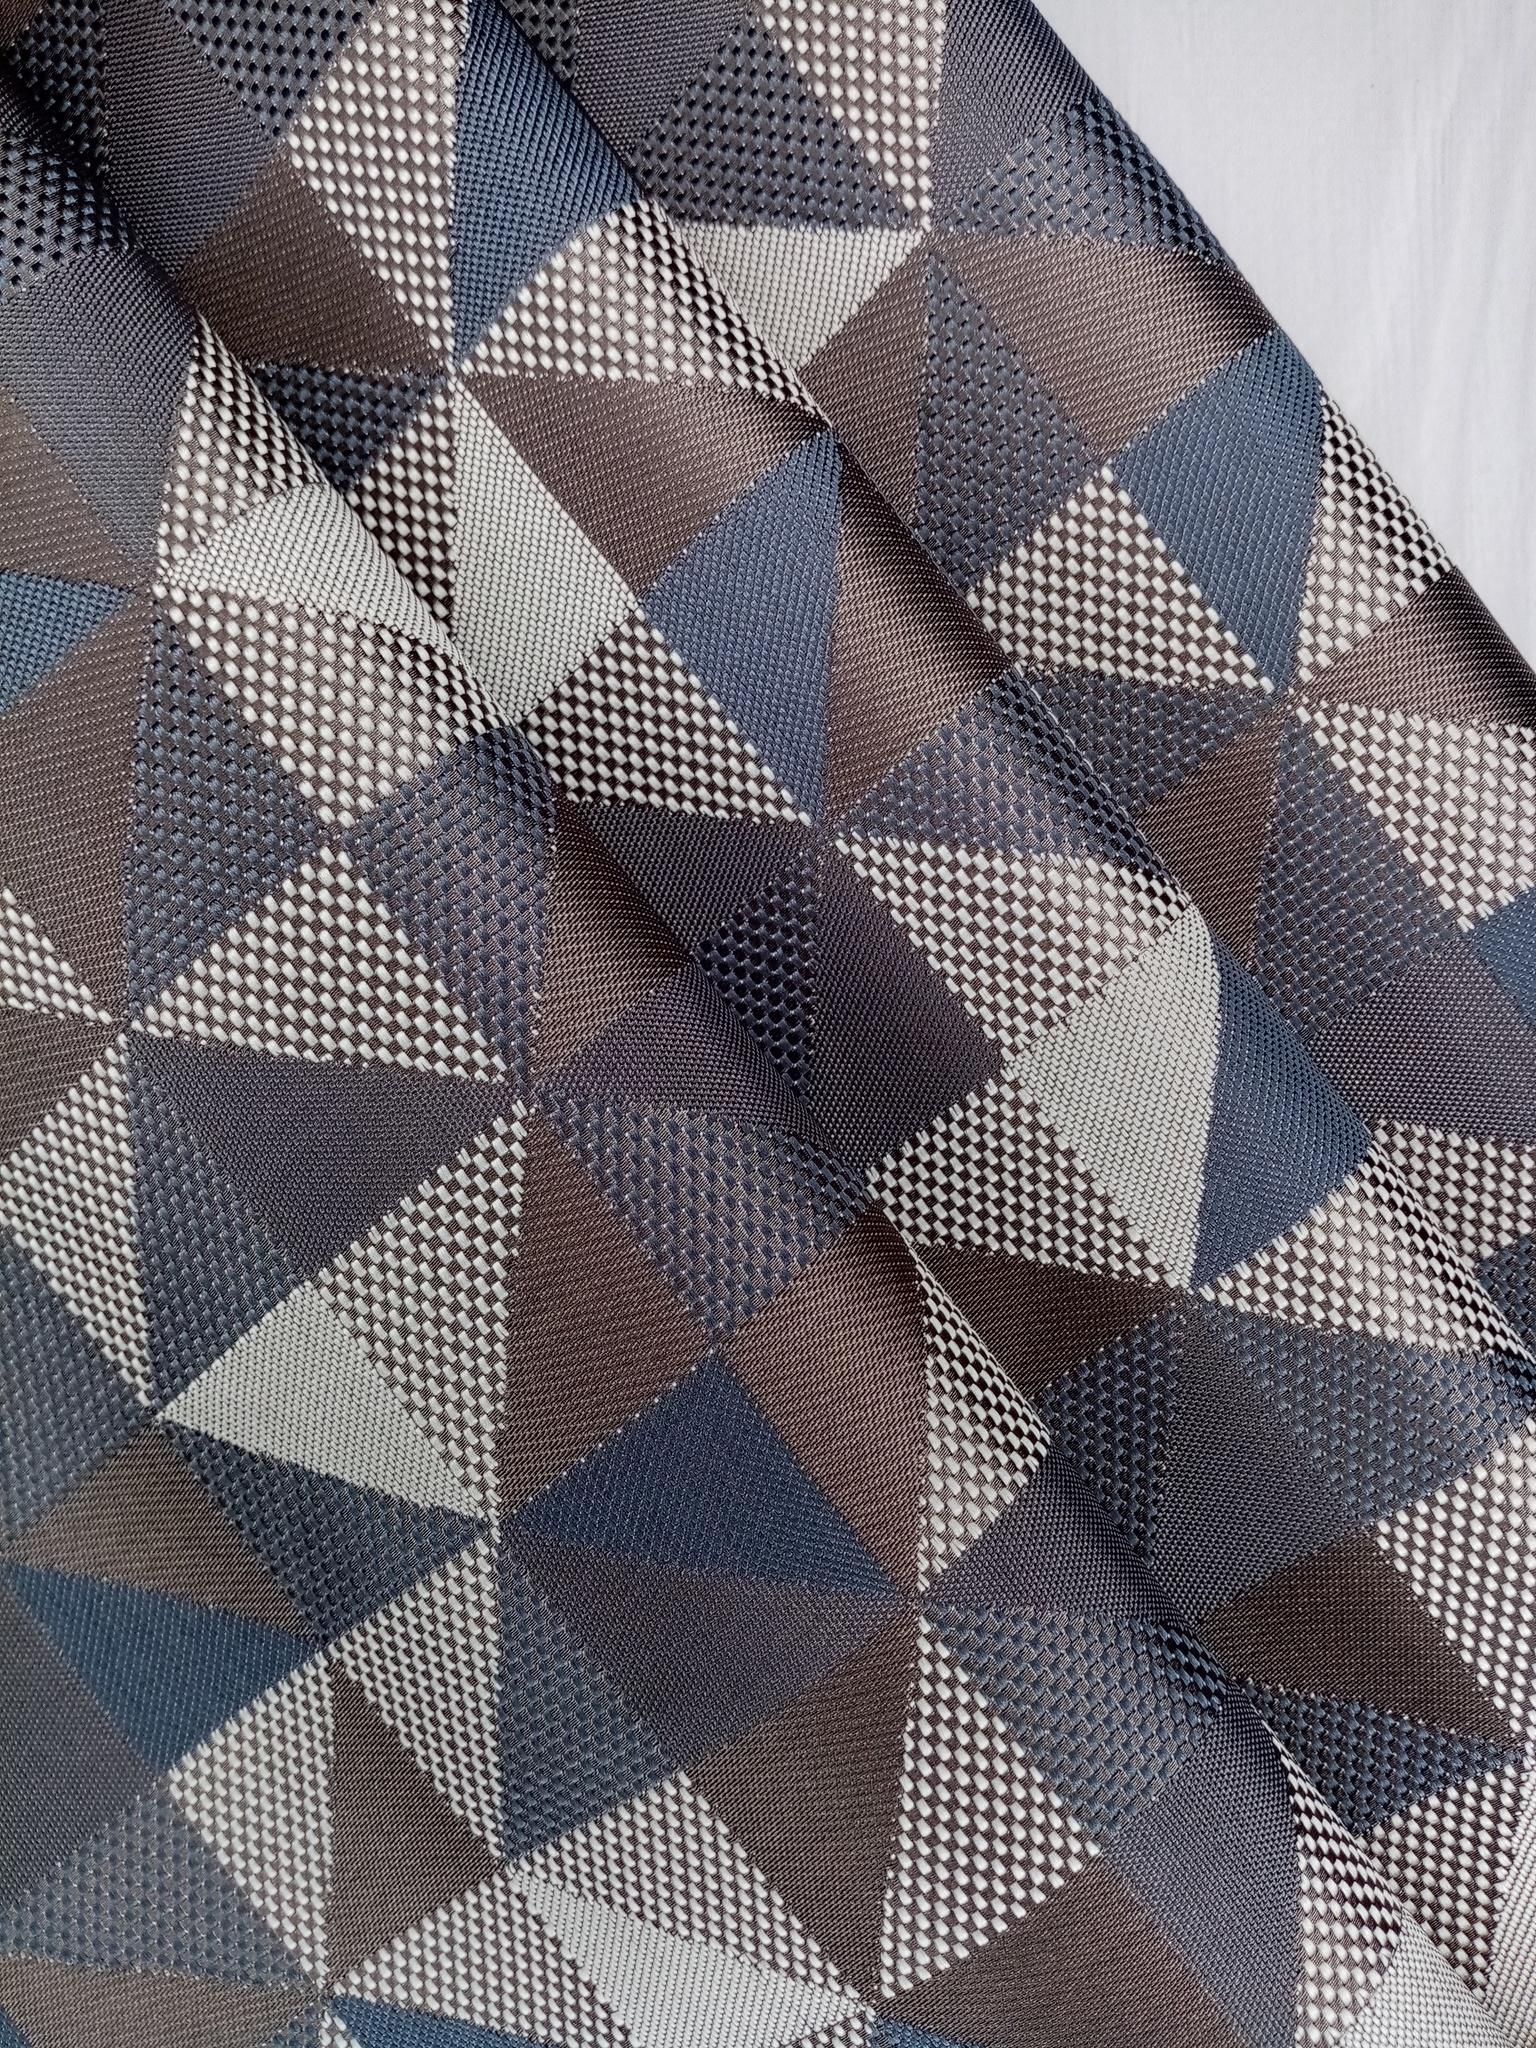 Ткань для портьер мозаика меланжевый компаньон